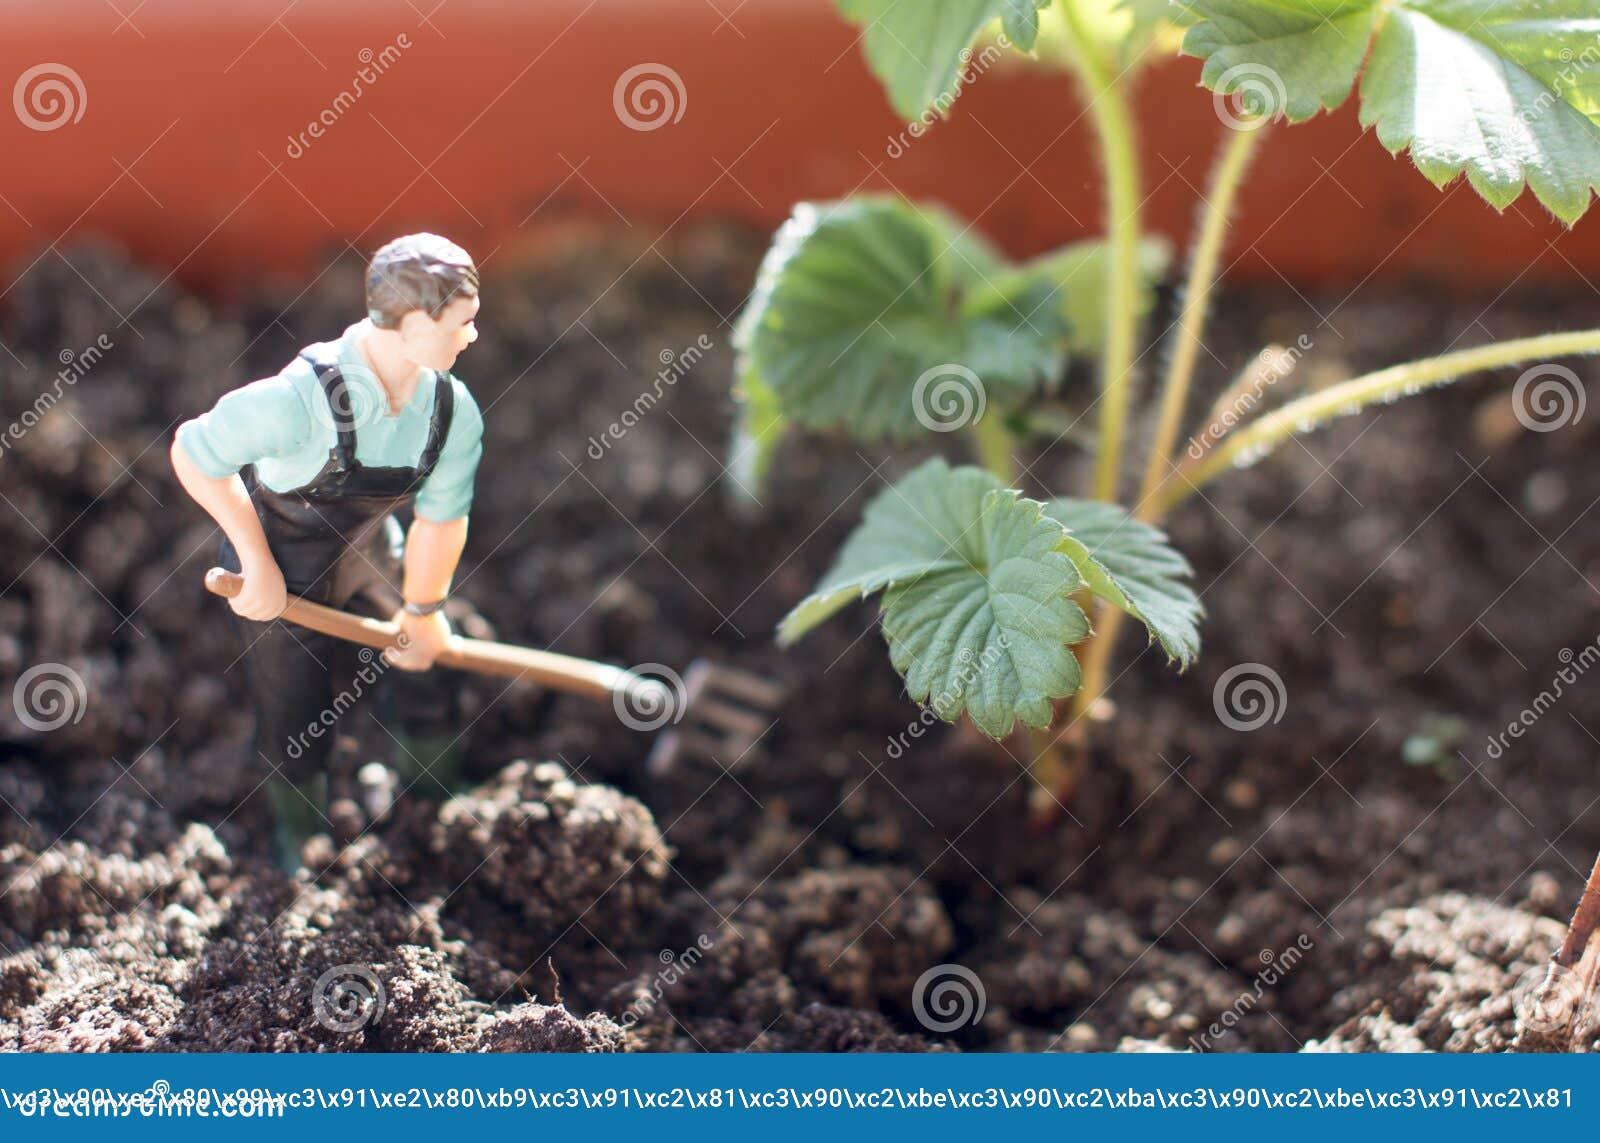 Junge Landwirternten